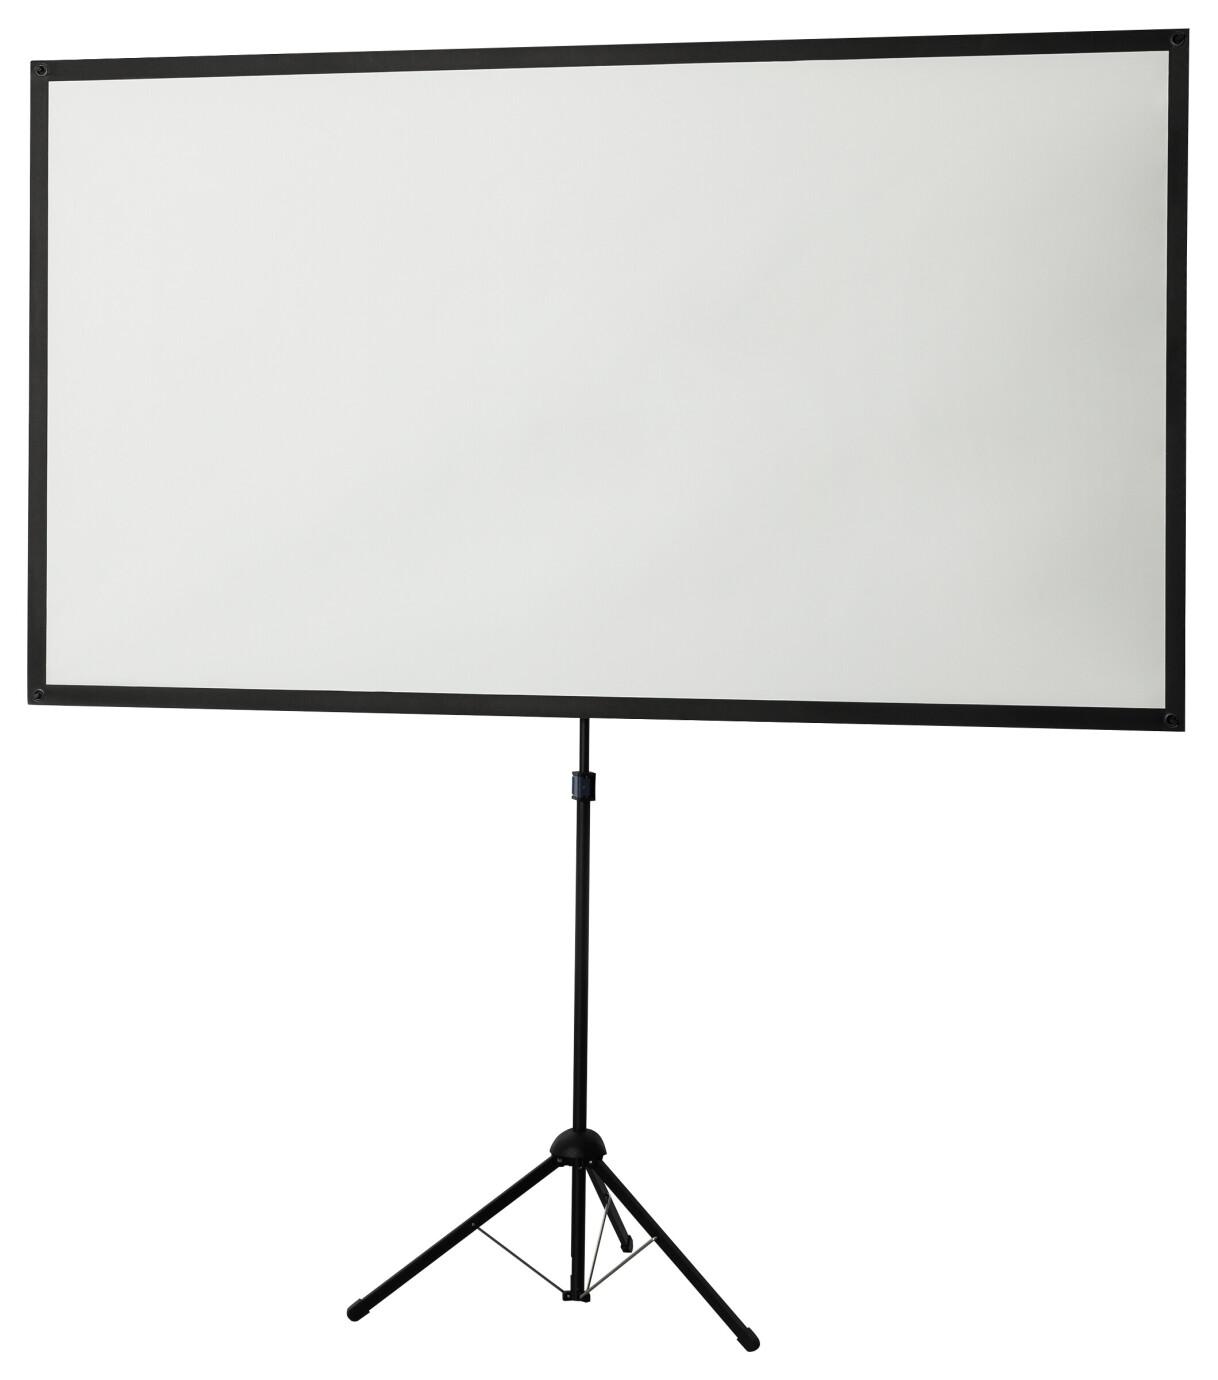 celexon Tripod screen Ultra Light-weight 177 x 100cm